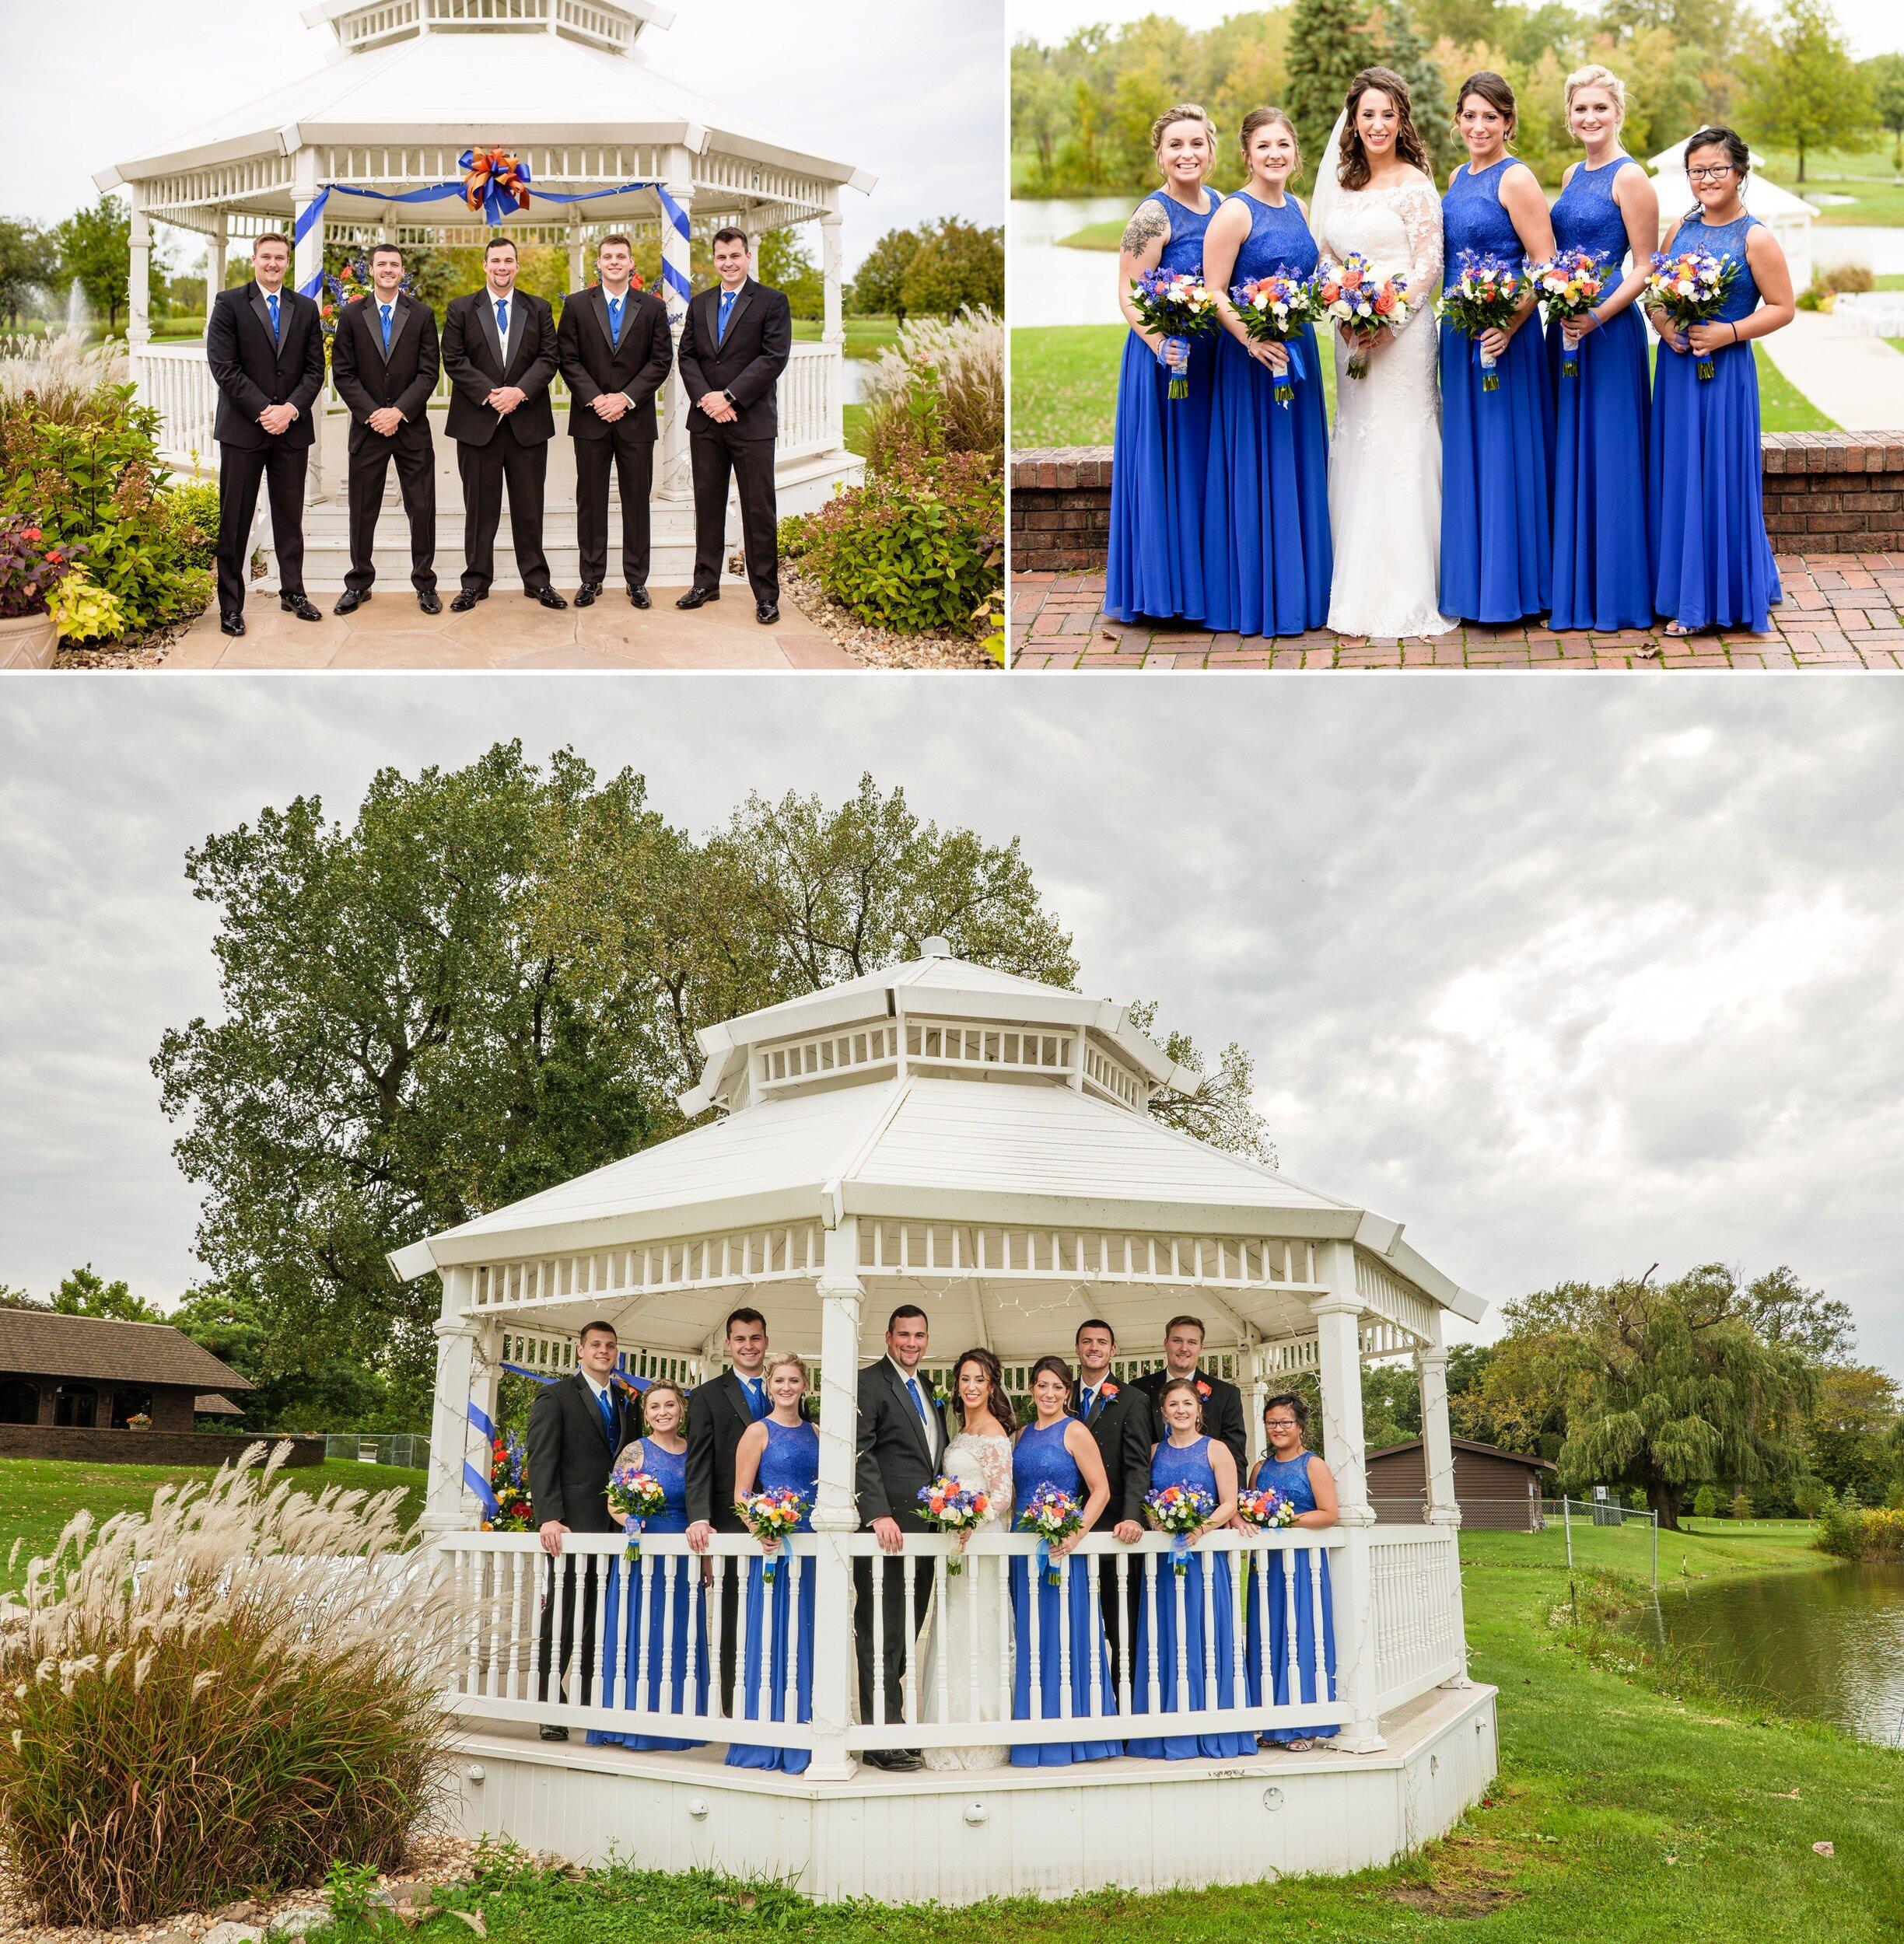 Wedding party group photos at Wicker Park Social Center.